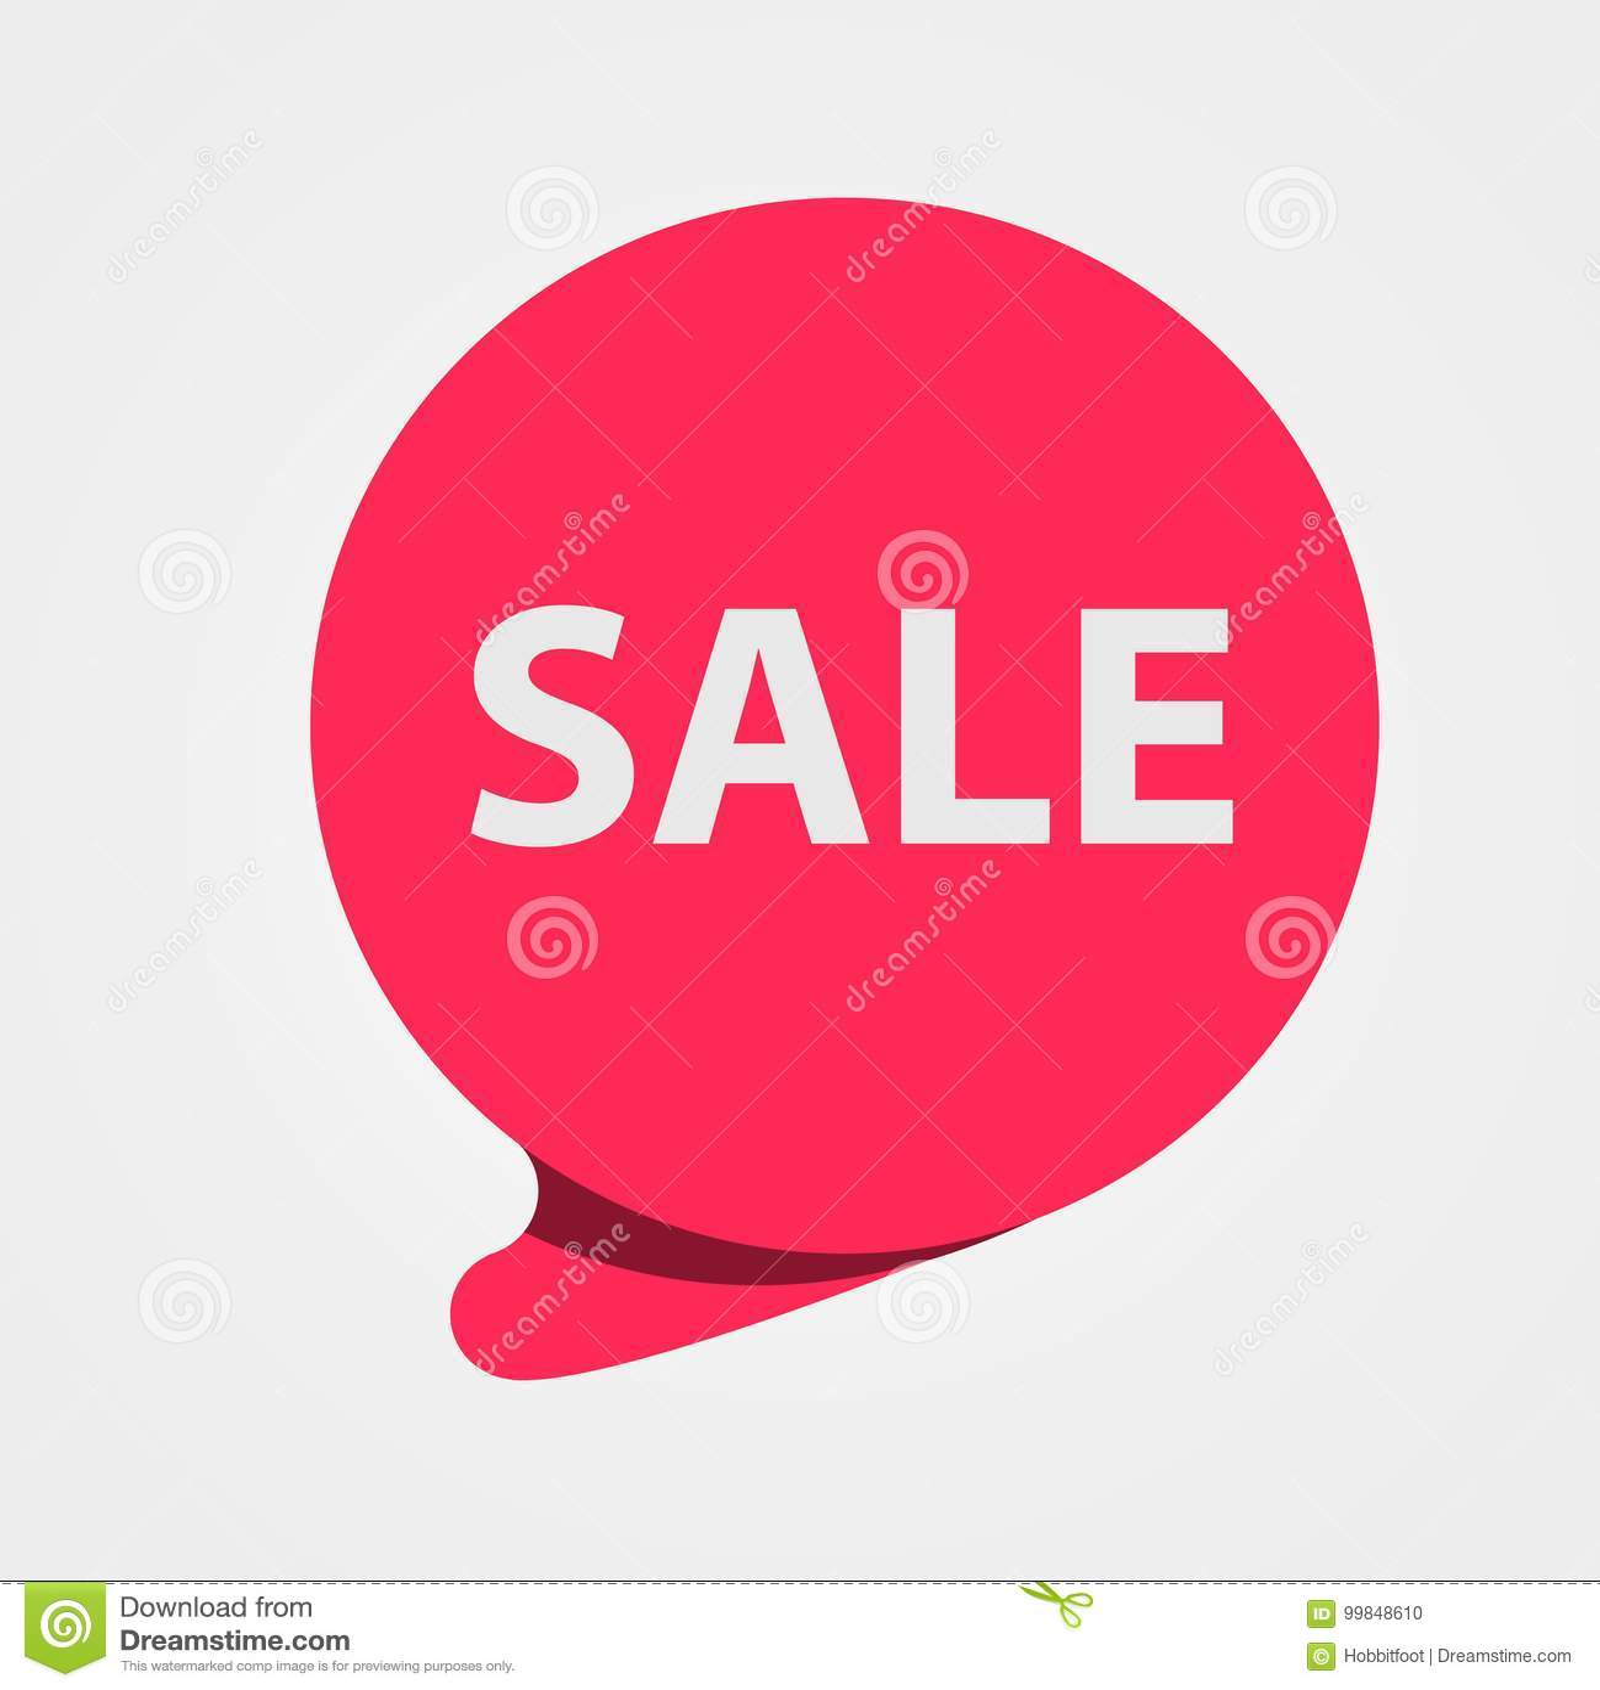 Ειδική κόκκινη ετικέττα πώλησης προσφοράς Έκπτωση, ετικέτα τιμών προσφοράς, σύμβολο για τη διαφημιστική καμπάνια